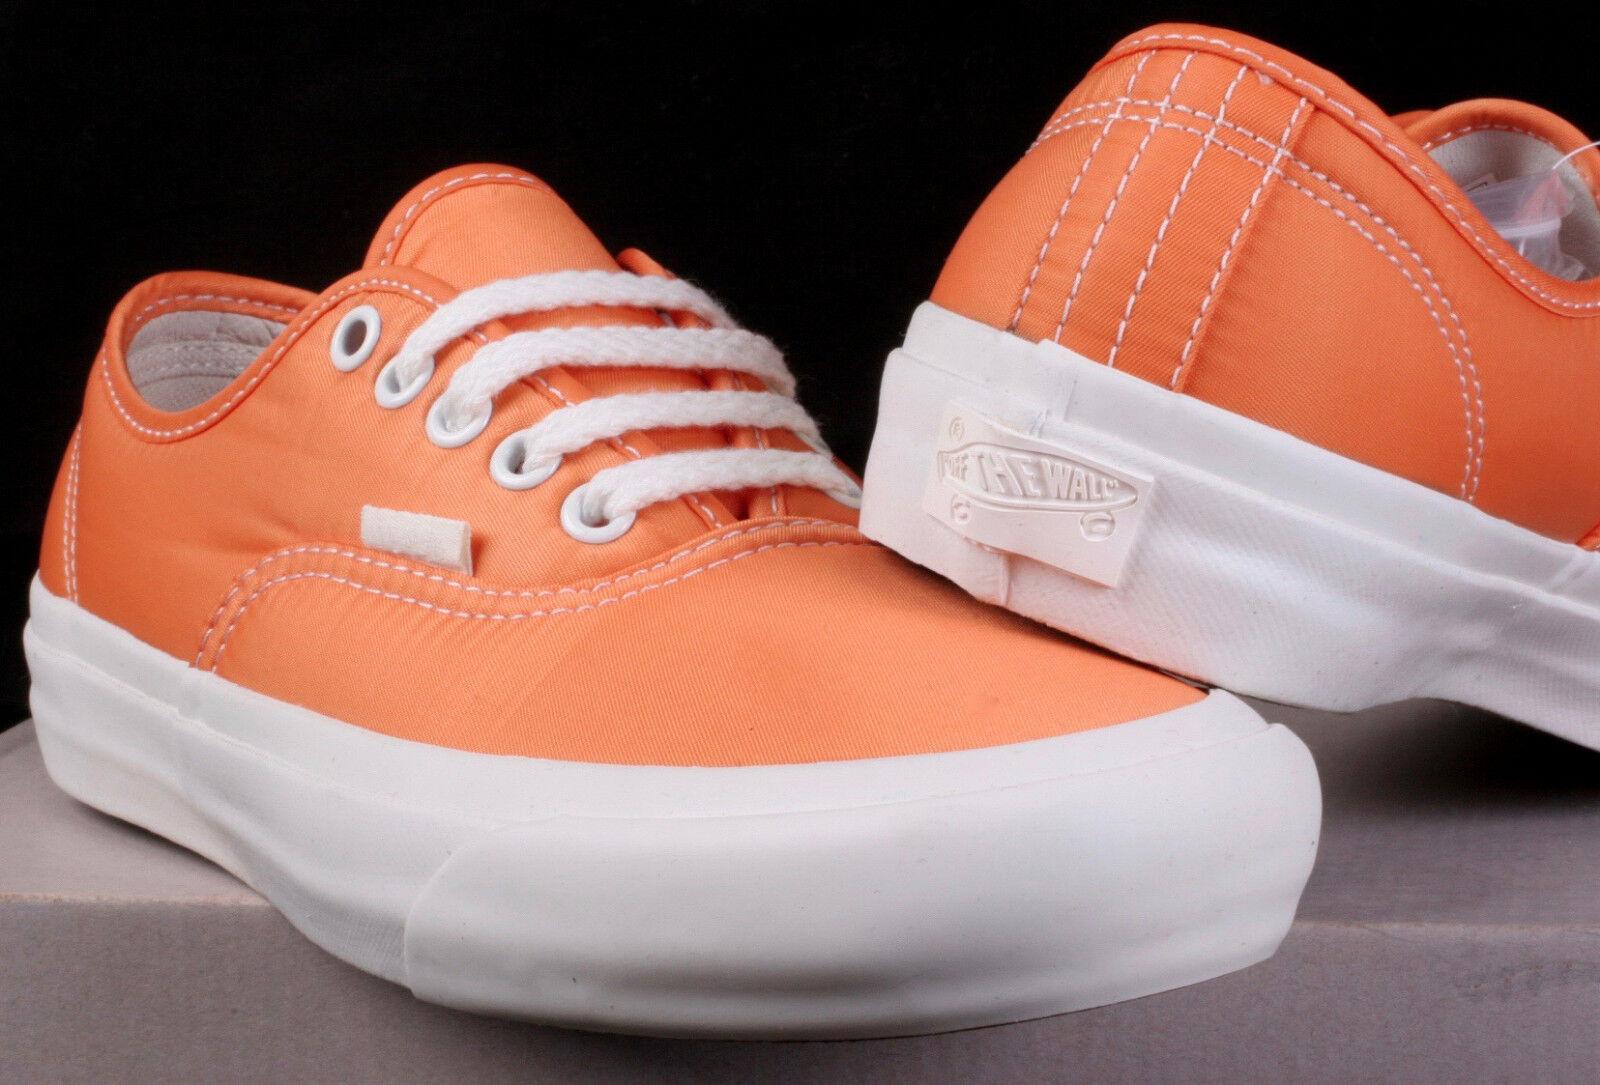 Vans Authentic Pro LX Our Legacy OC orange & White Low Top shoes Size 4M   5.5W